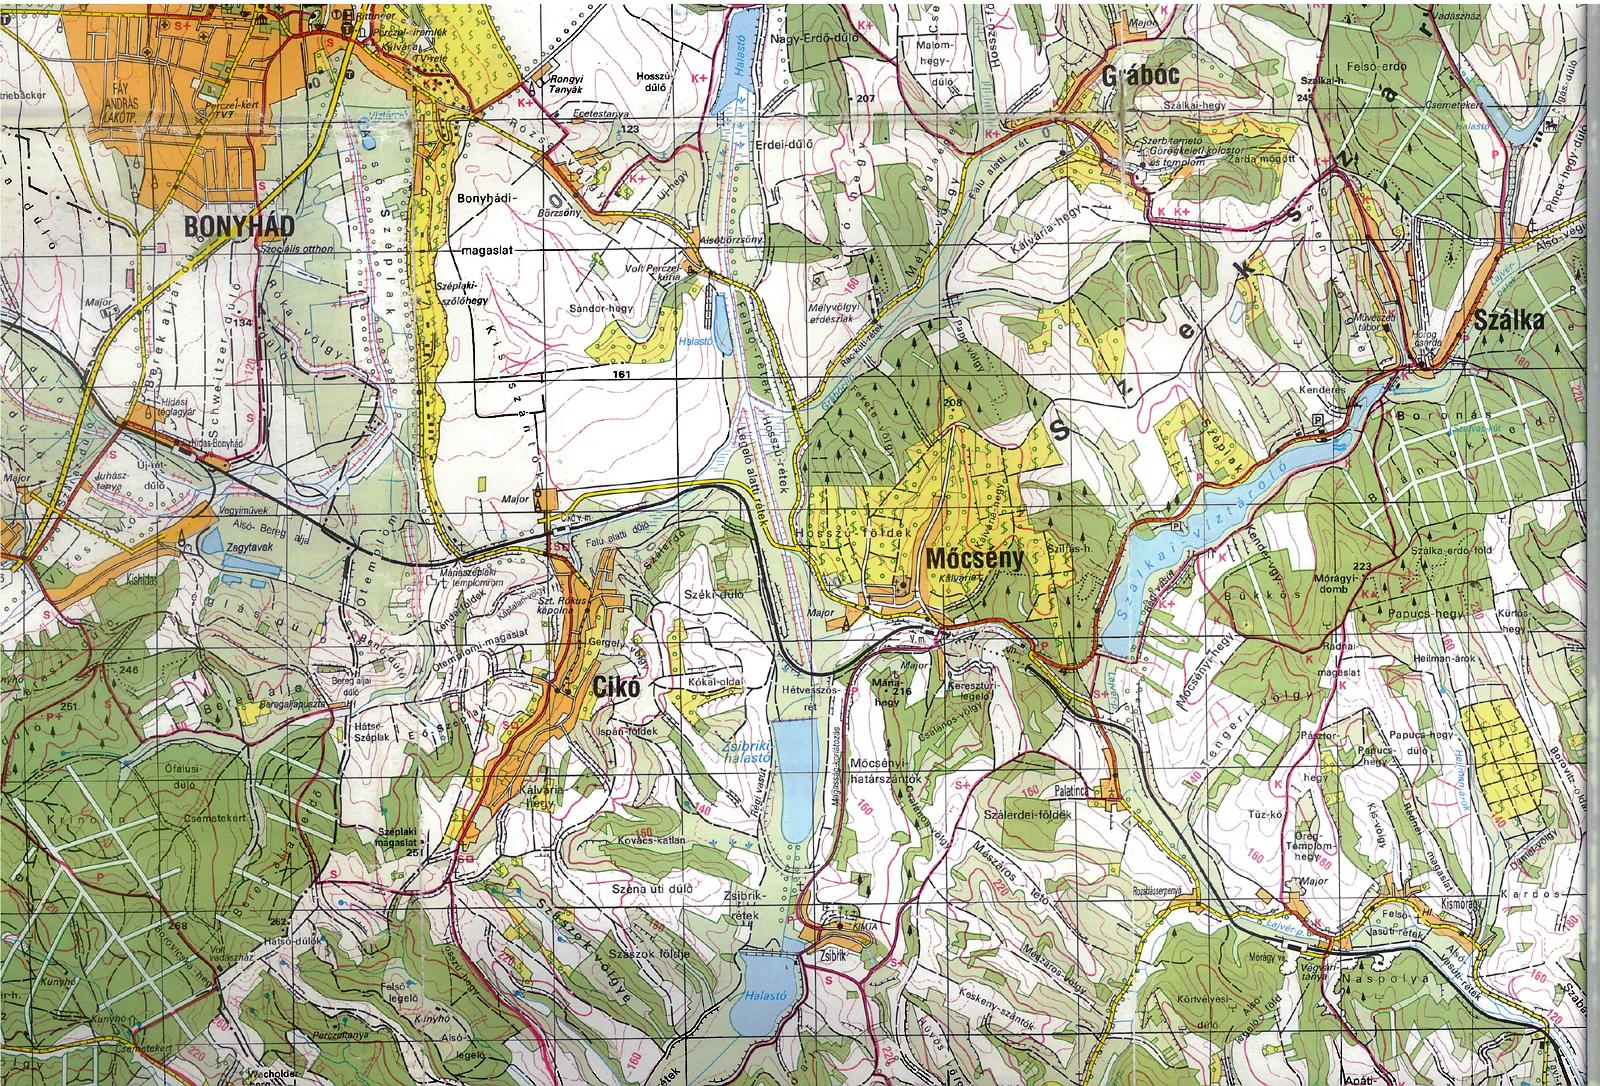 albertirsa térkép Túrák, fotók, tanácsok túraszervezéshez. albertirsa térkép